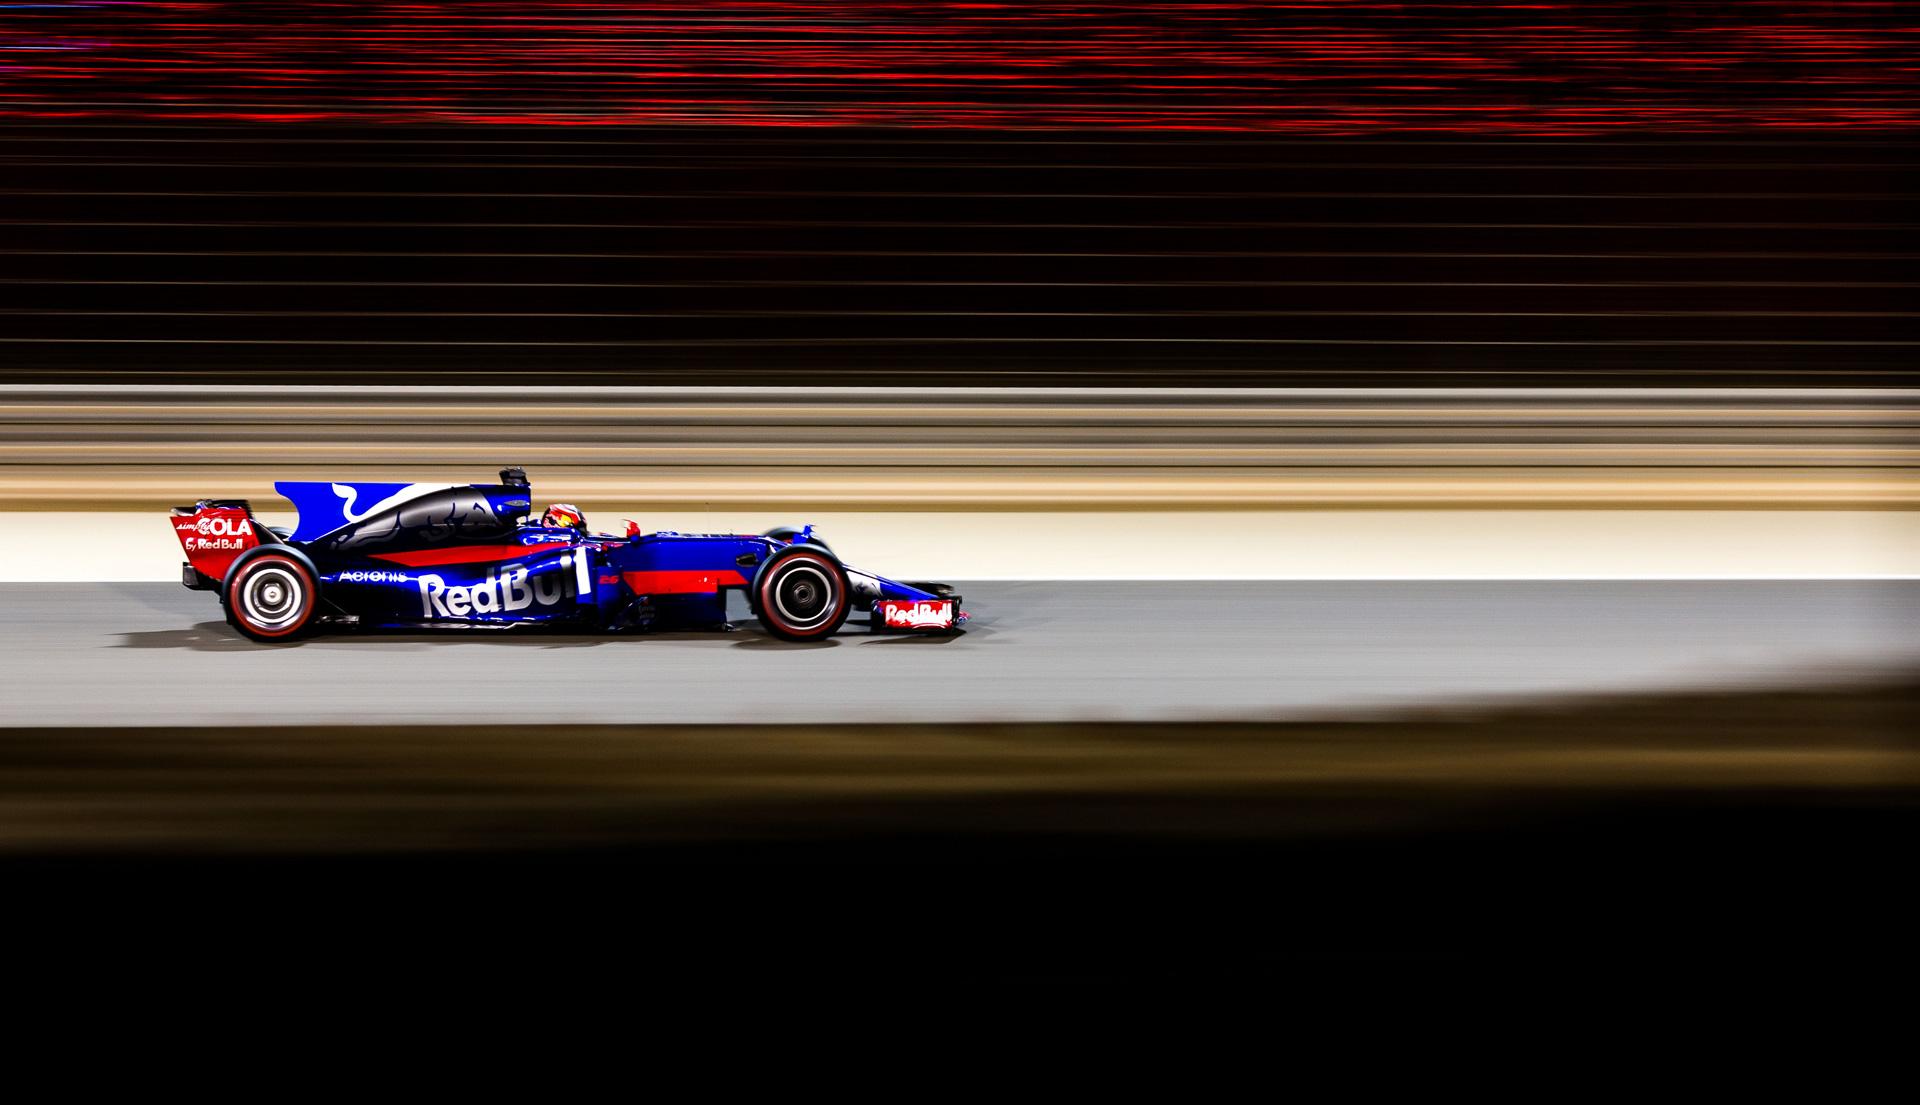 Как наГран-при Бахрейна тревожные симптомы превратились вдиагноз для Mercedes. Фото 11